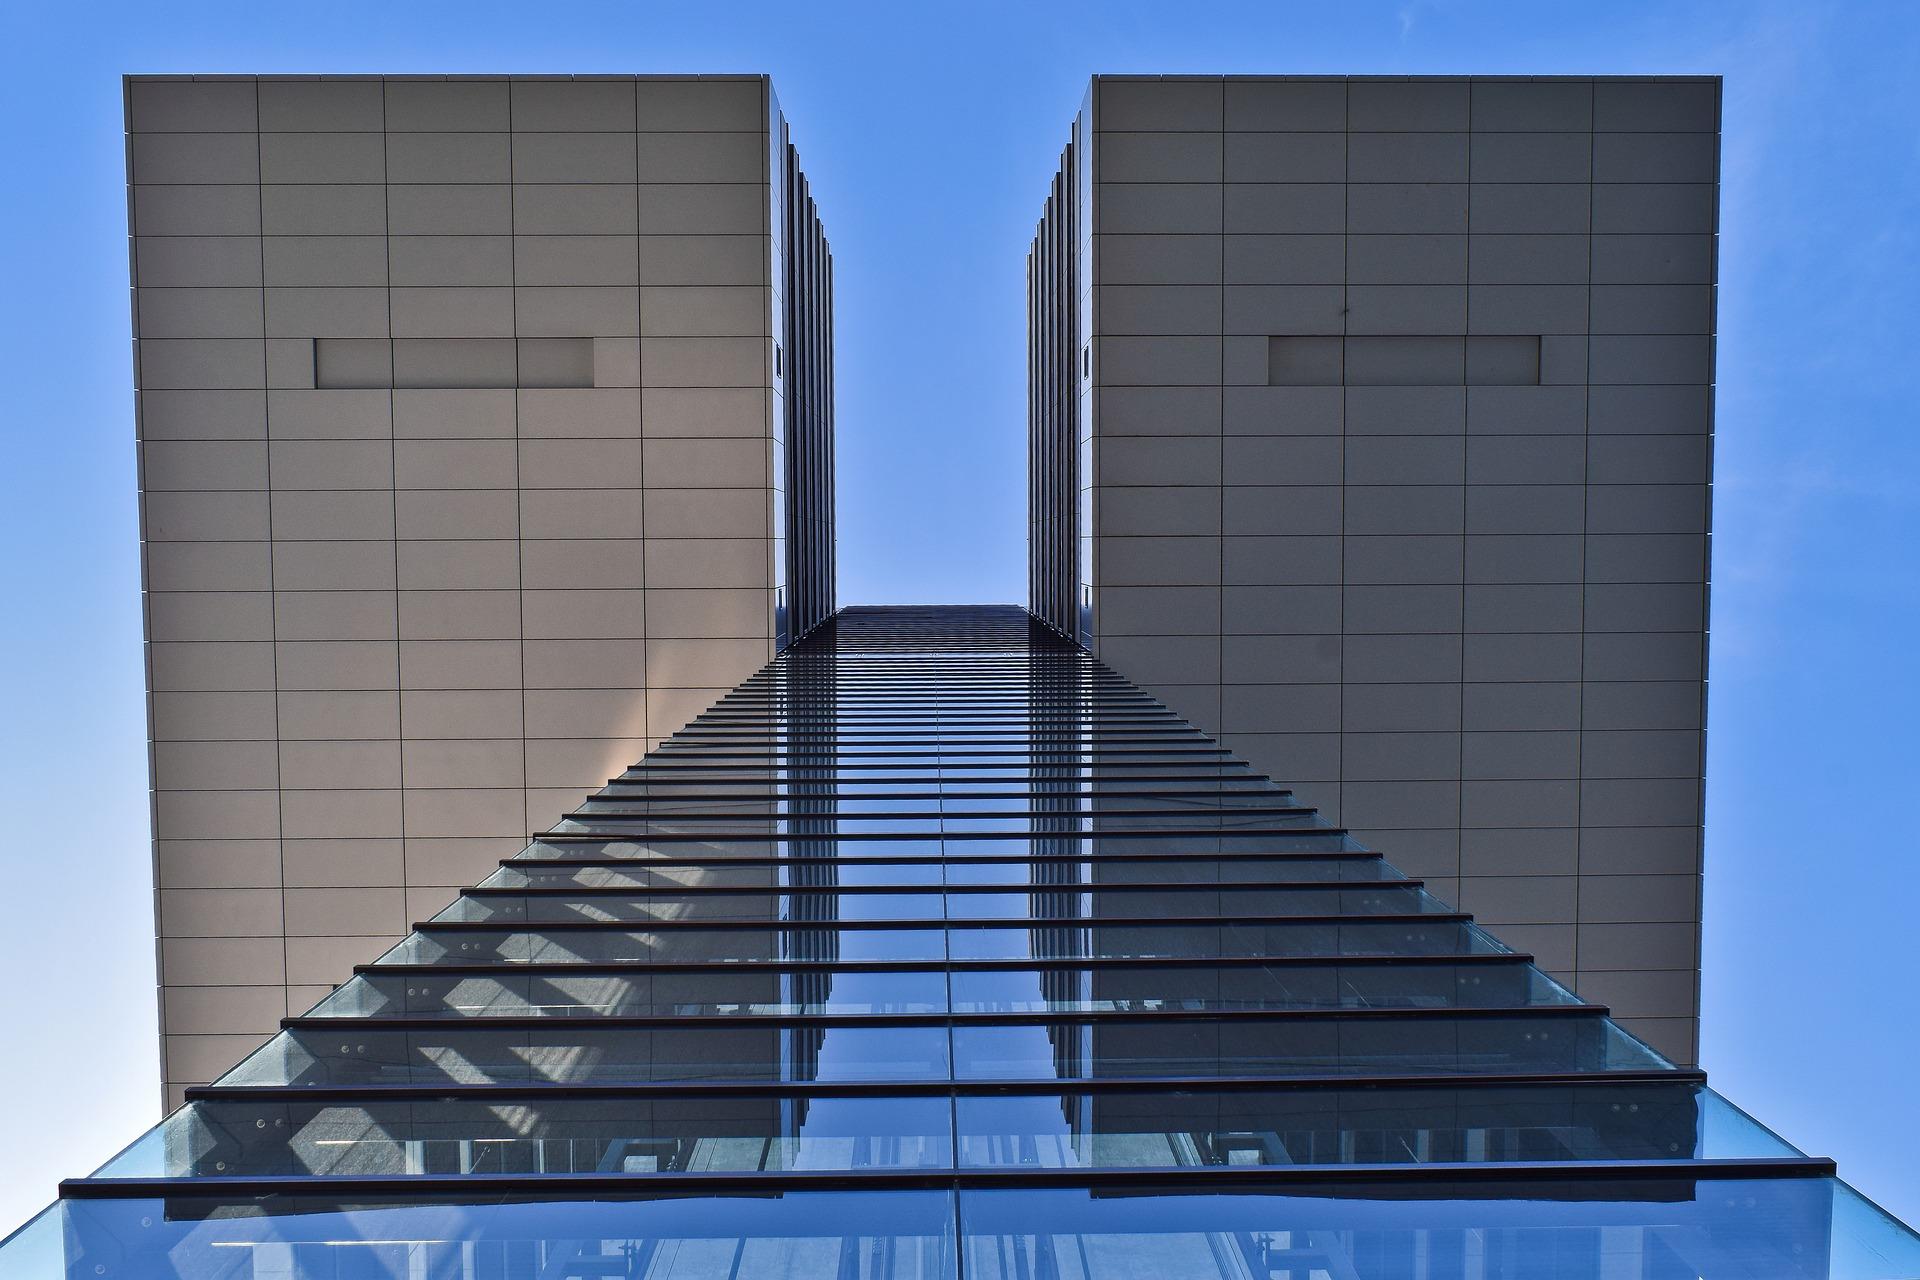 Elewacja wentylowana budynku